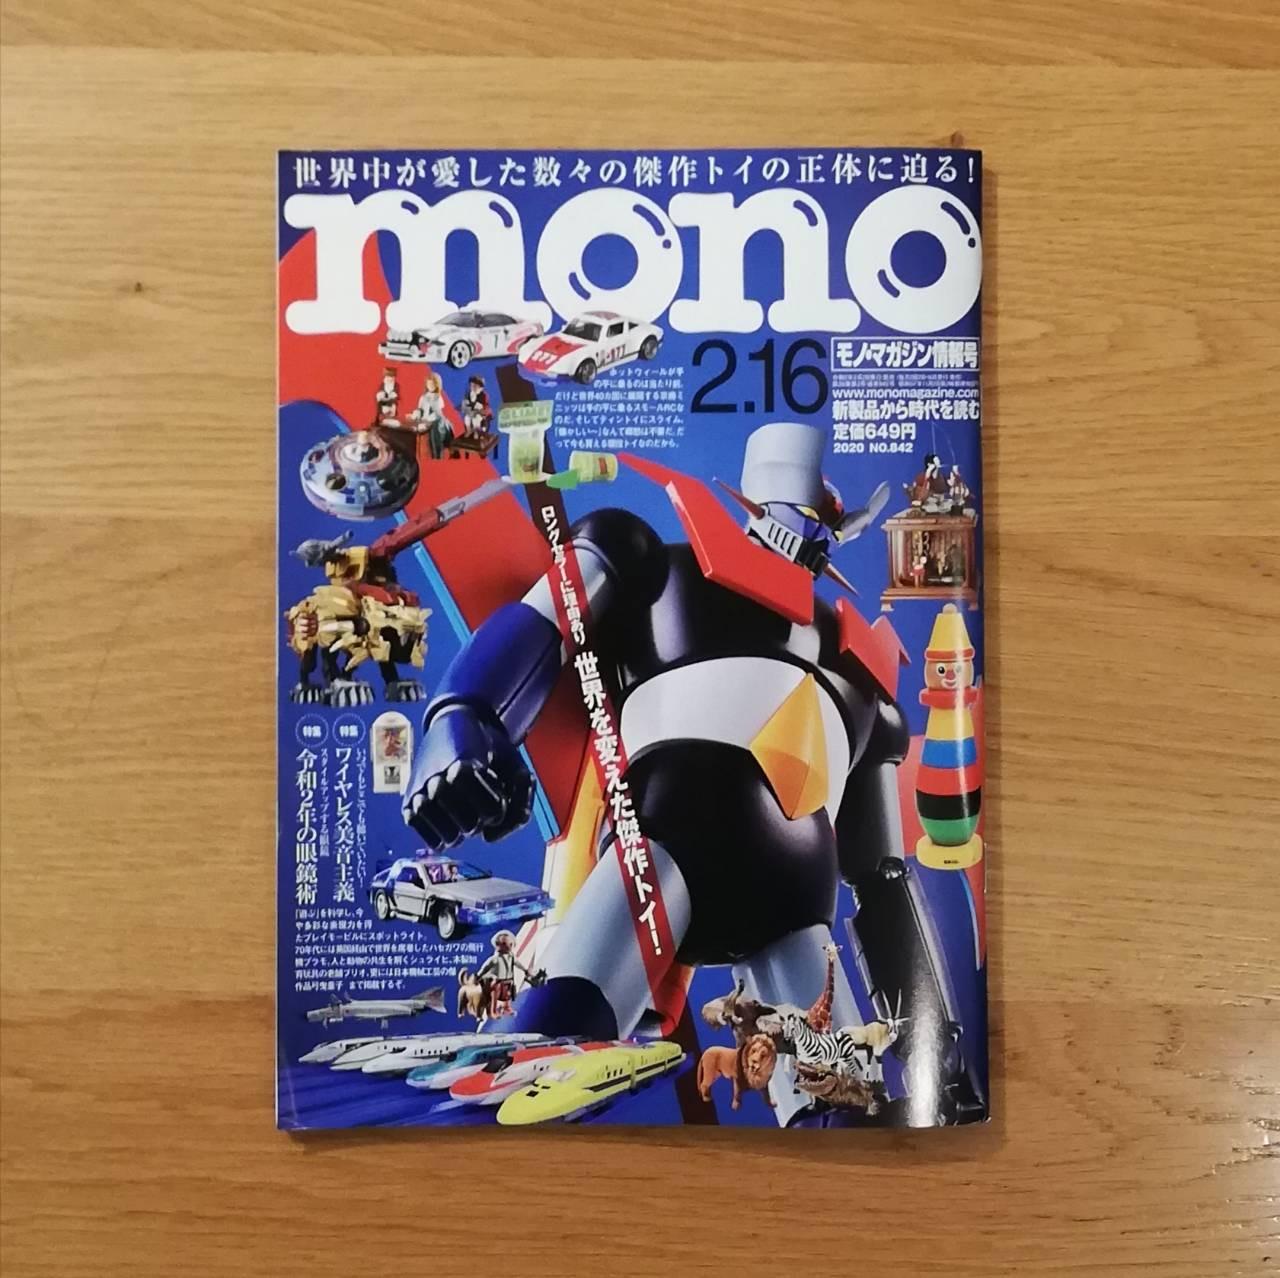 2月号のモノ・マガジン にサステナブルポーチ(バンブーストロー、ブラシ付) が掲載されました!